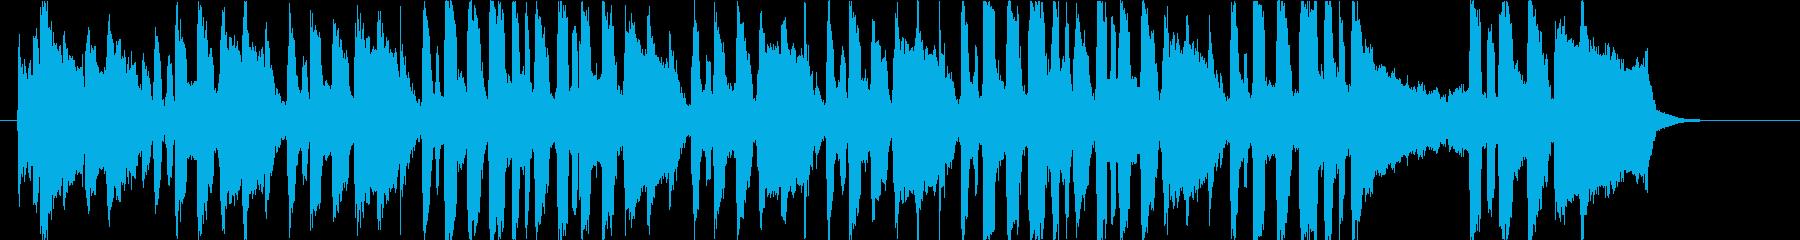 誕生日の歌(ワルツver) 【ソウタ】の再生済みの波形